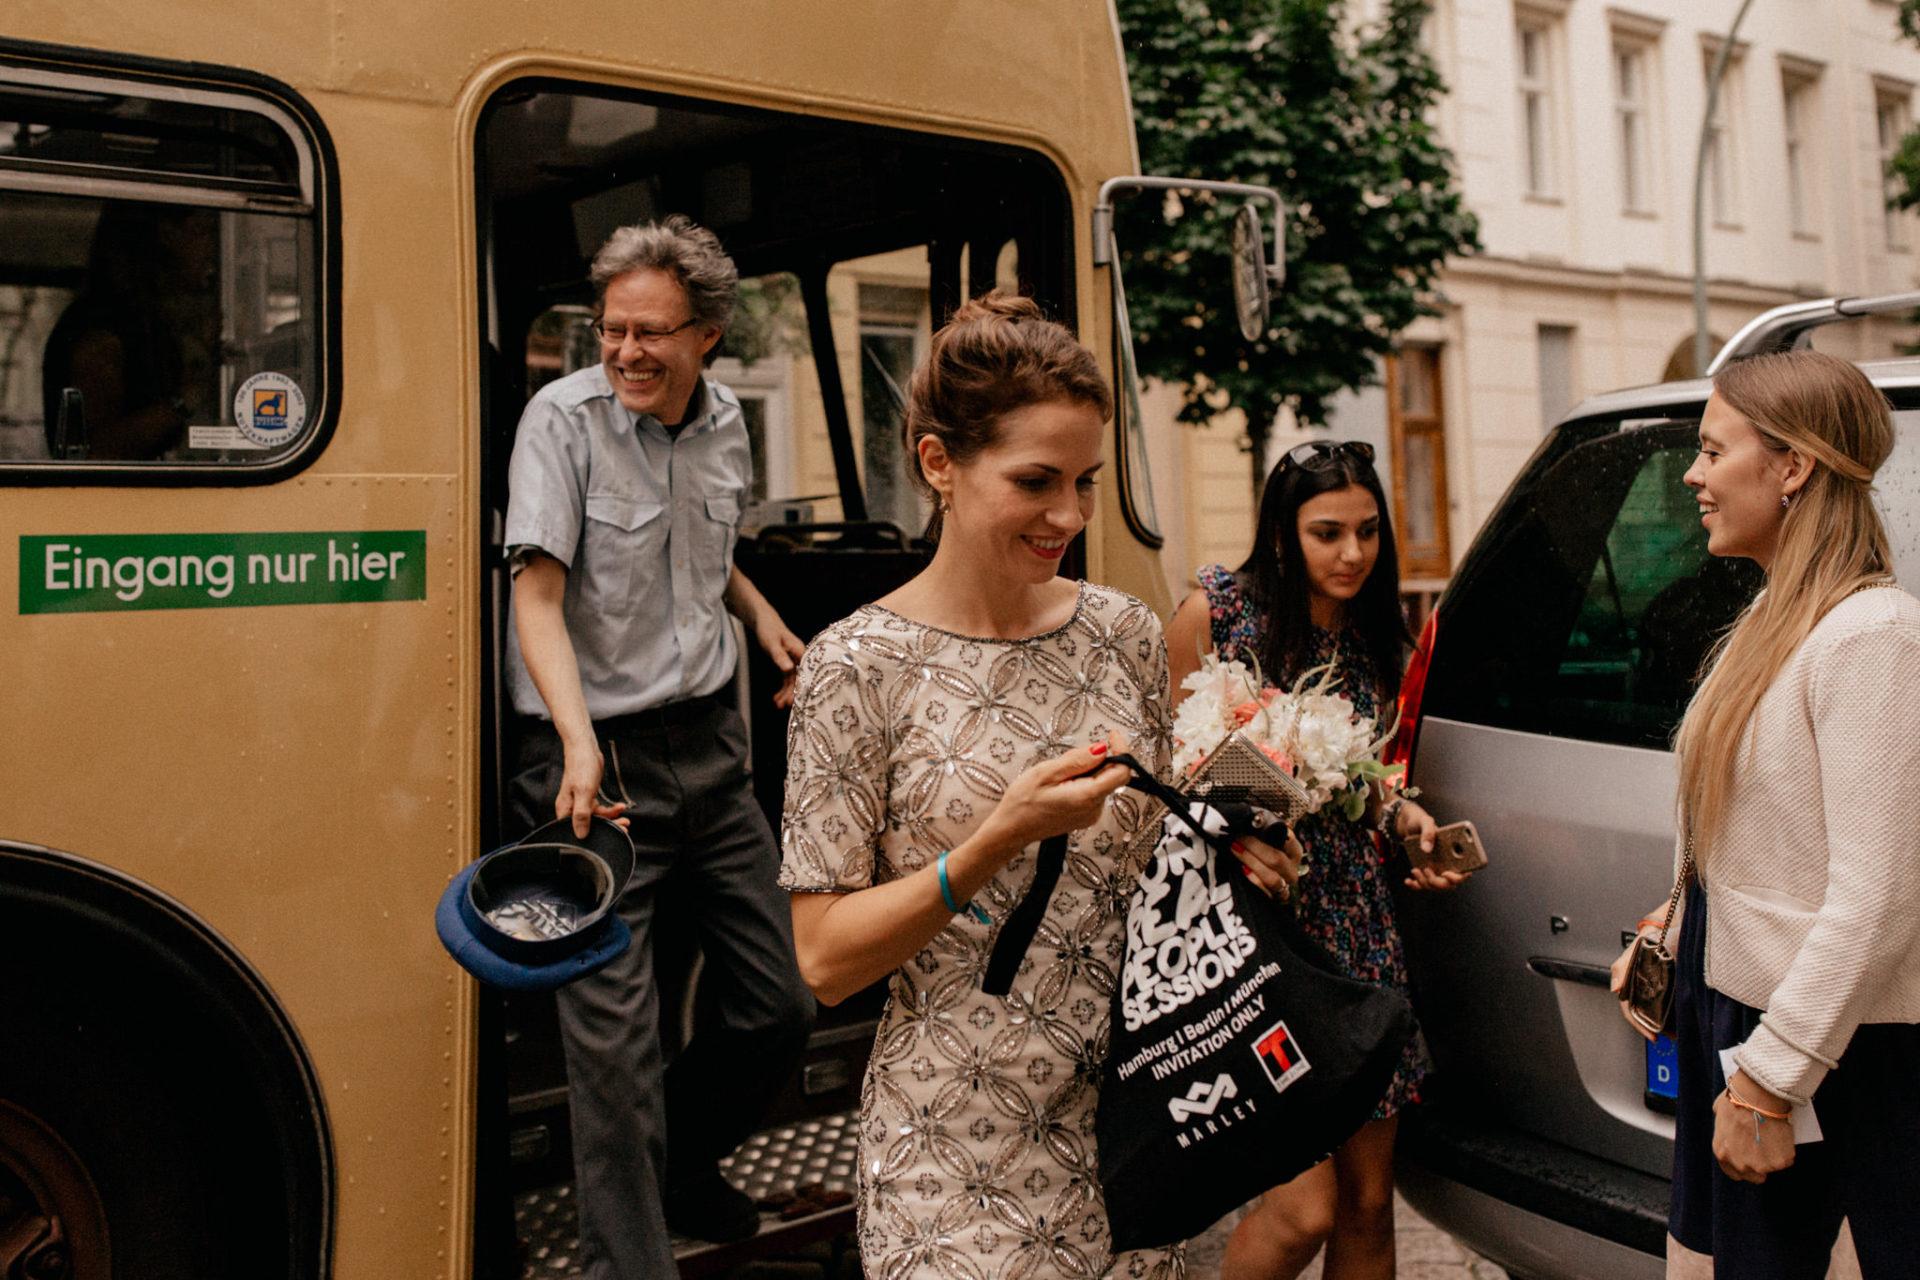 dokumentarische ungestellte kreative hochzeitsfotografie-DDR tradiotionsbus oldtimer-hochzeitsfotograf berlin-katz orange party-hamburger Bahnhof Feier-eleganze exklusive berlin Hochzeit-hauptstadthochzeit-internationle deutsch amerikanische Hochzeitsgesellschaft